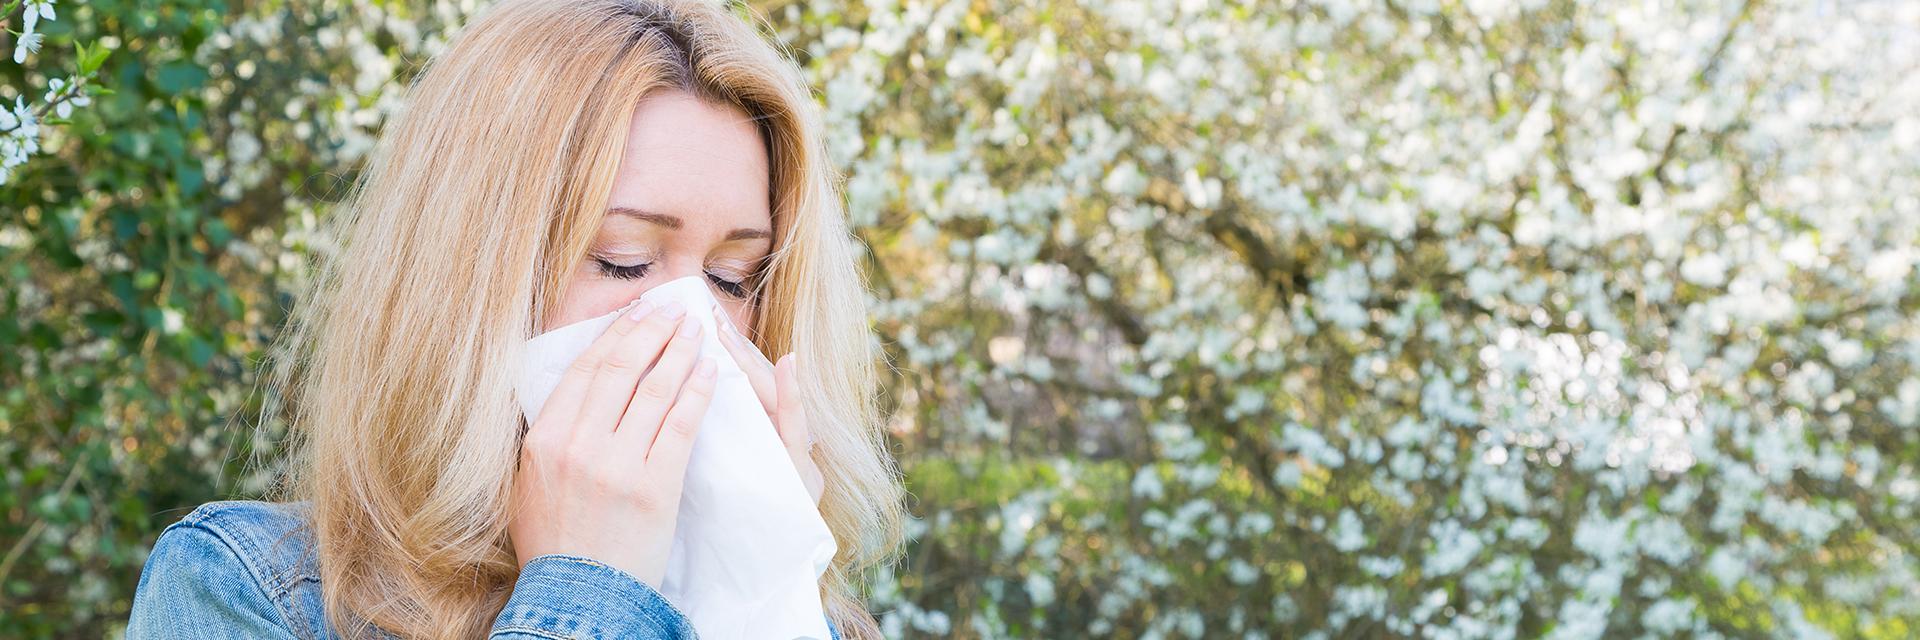 Lassen Sie Ihre Allergie behandeln